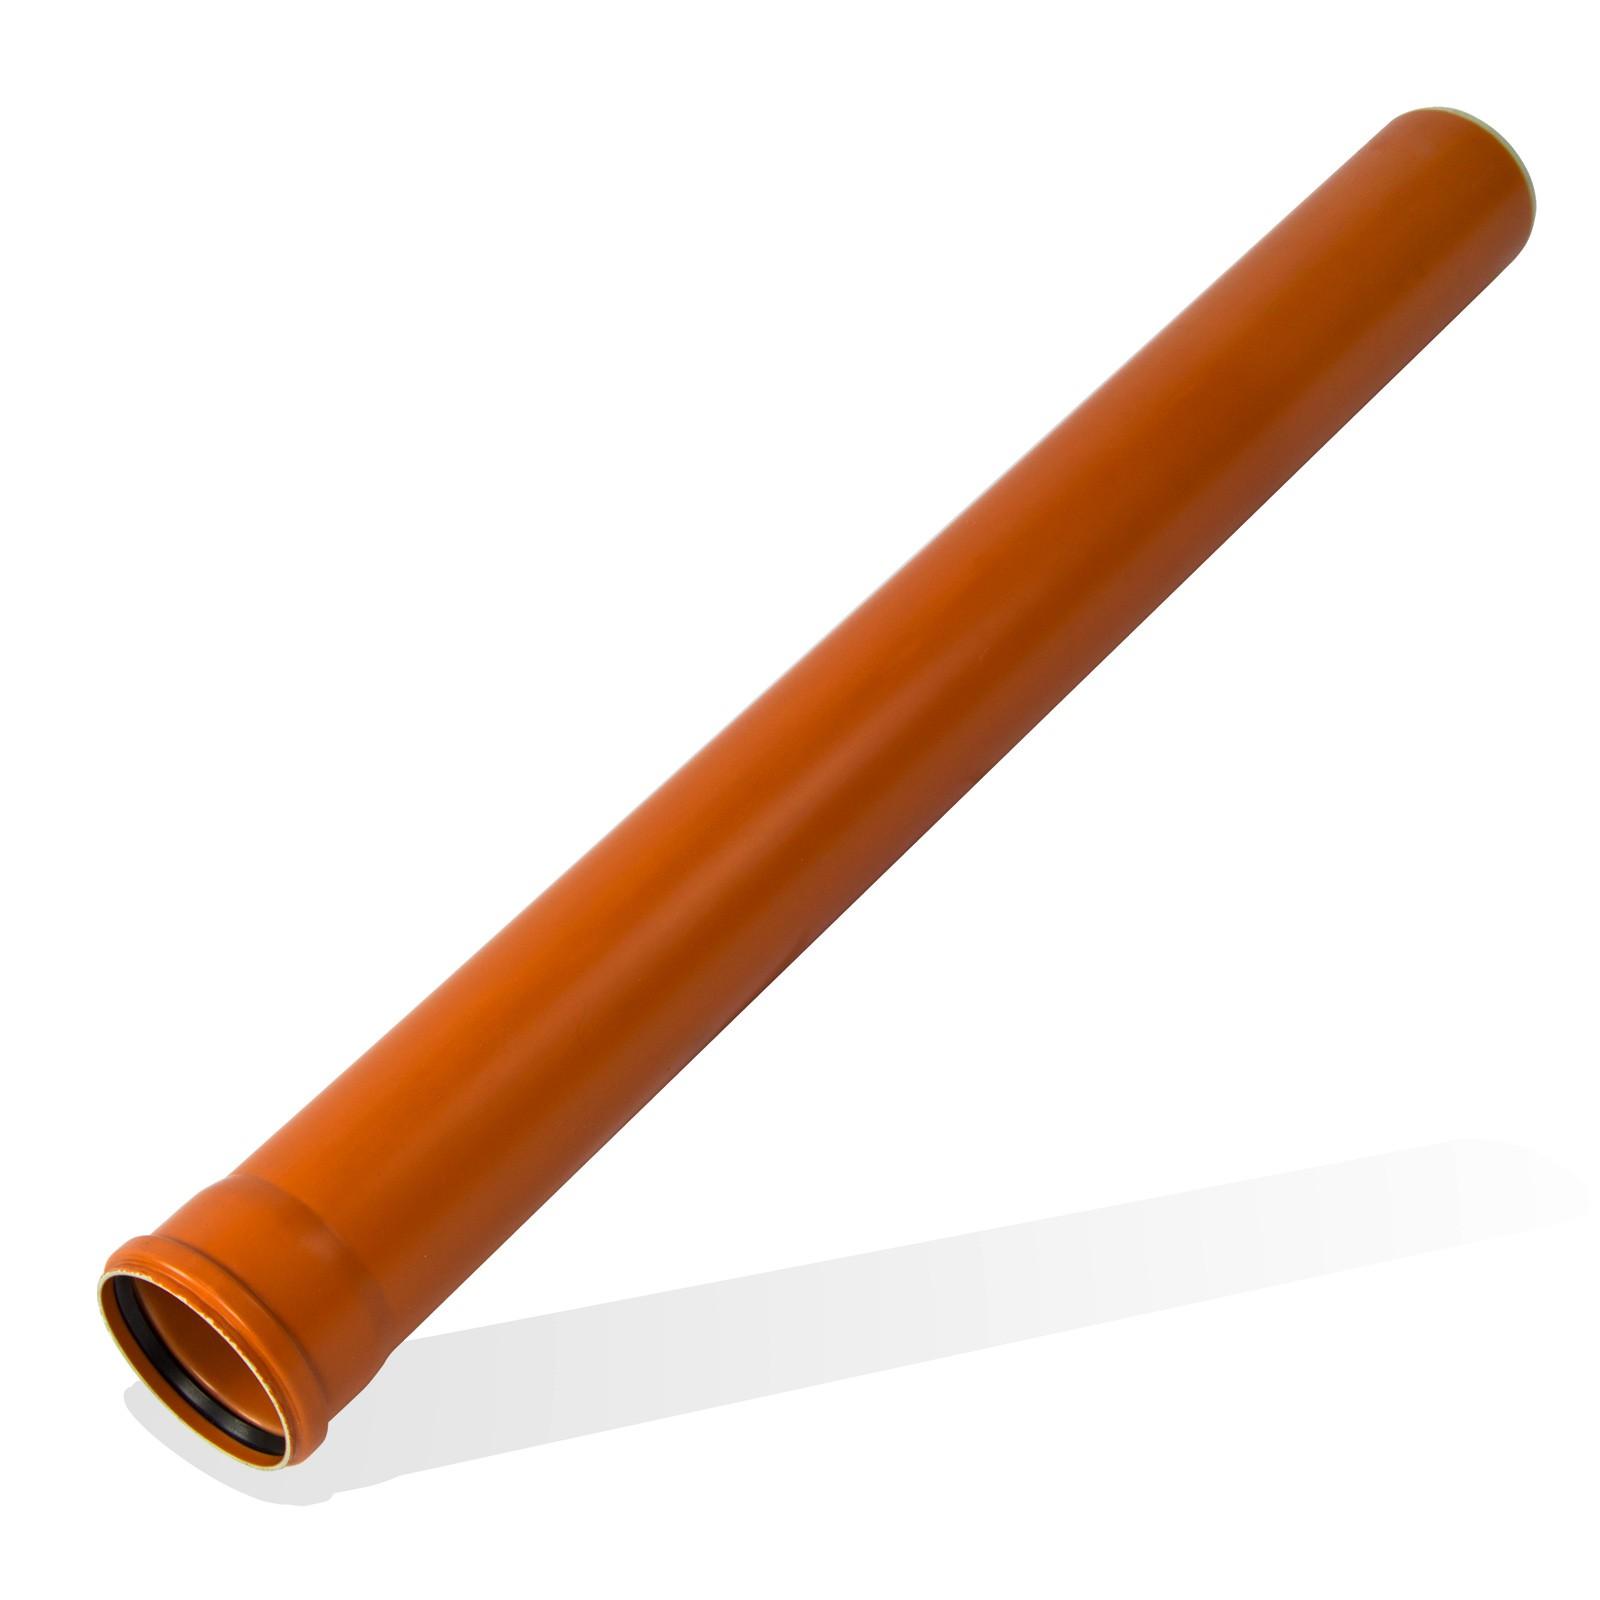 kg rohr dn250 2000mm 2m abwasserrohr kanalrohr orange. Black Bedroom Furniture Sets. Home Design Ideas